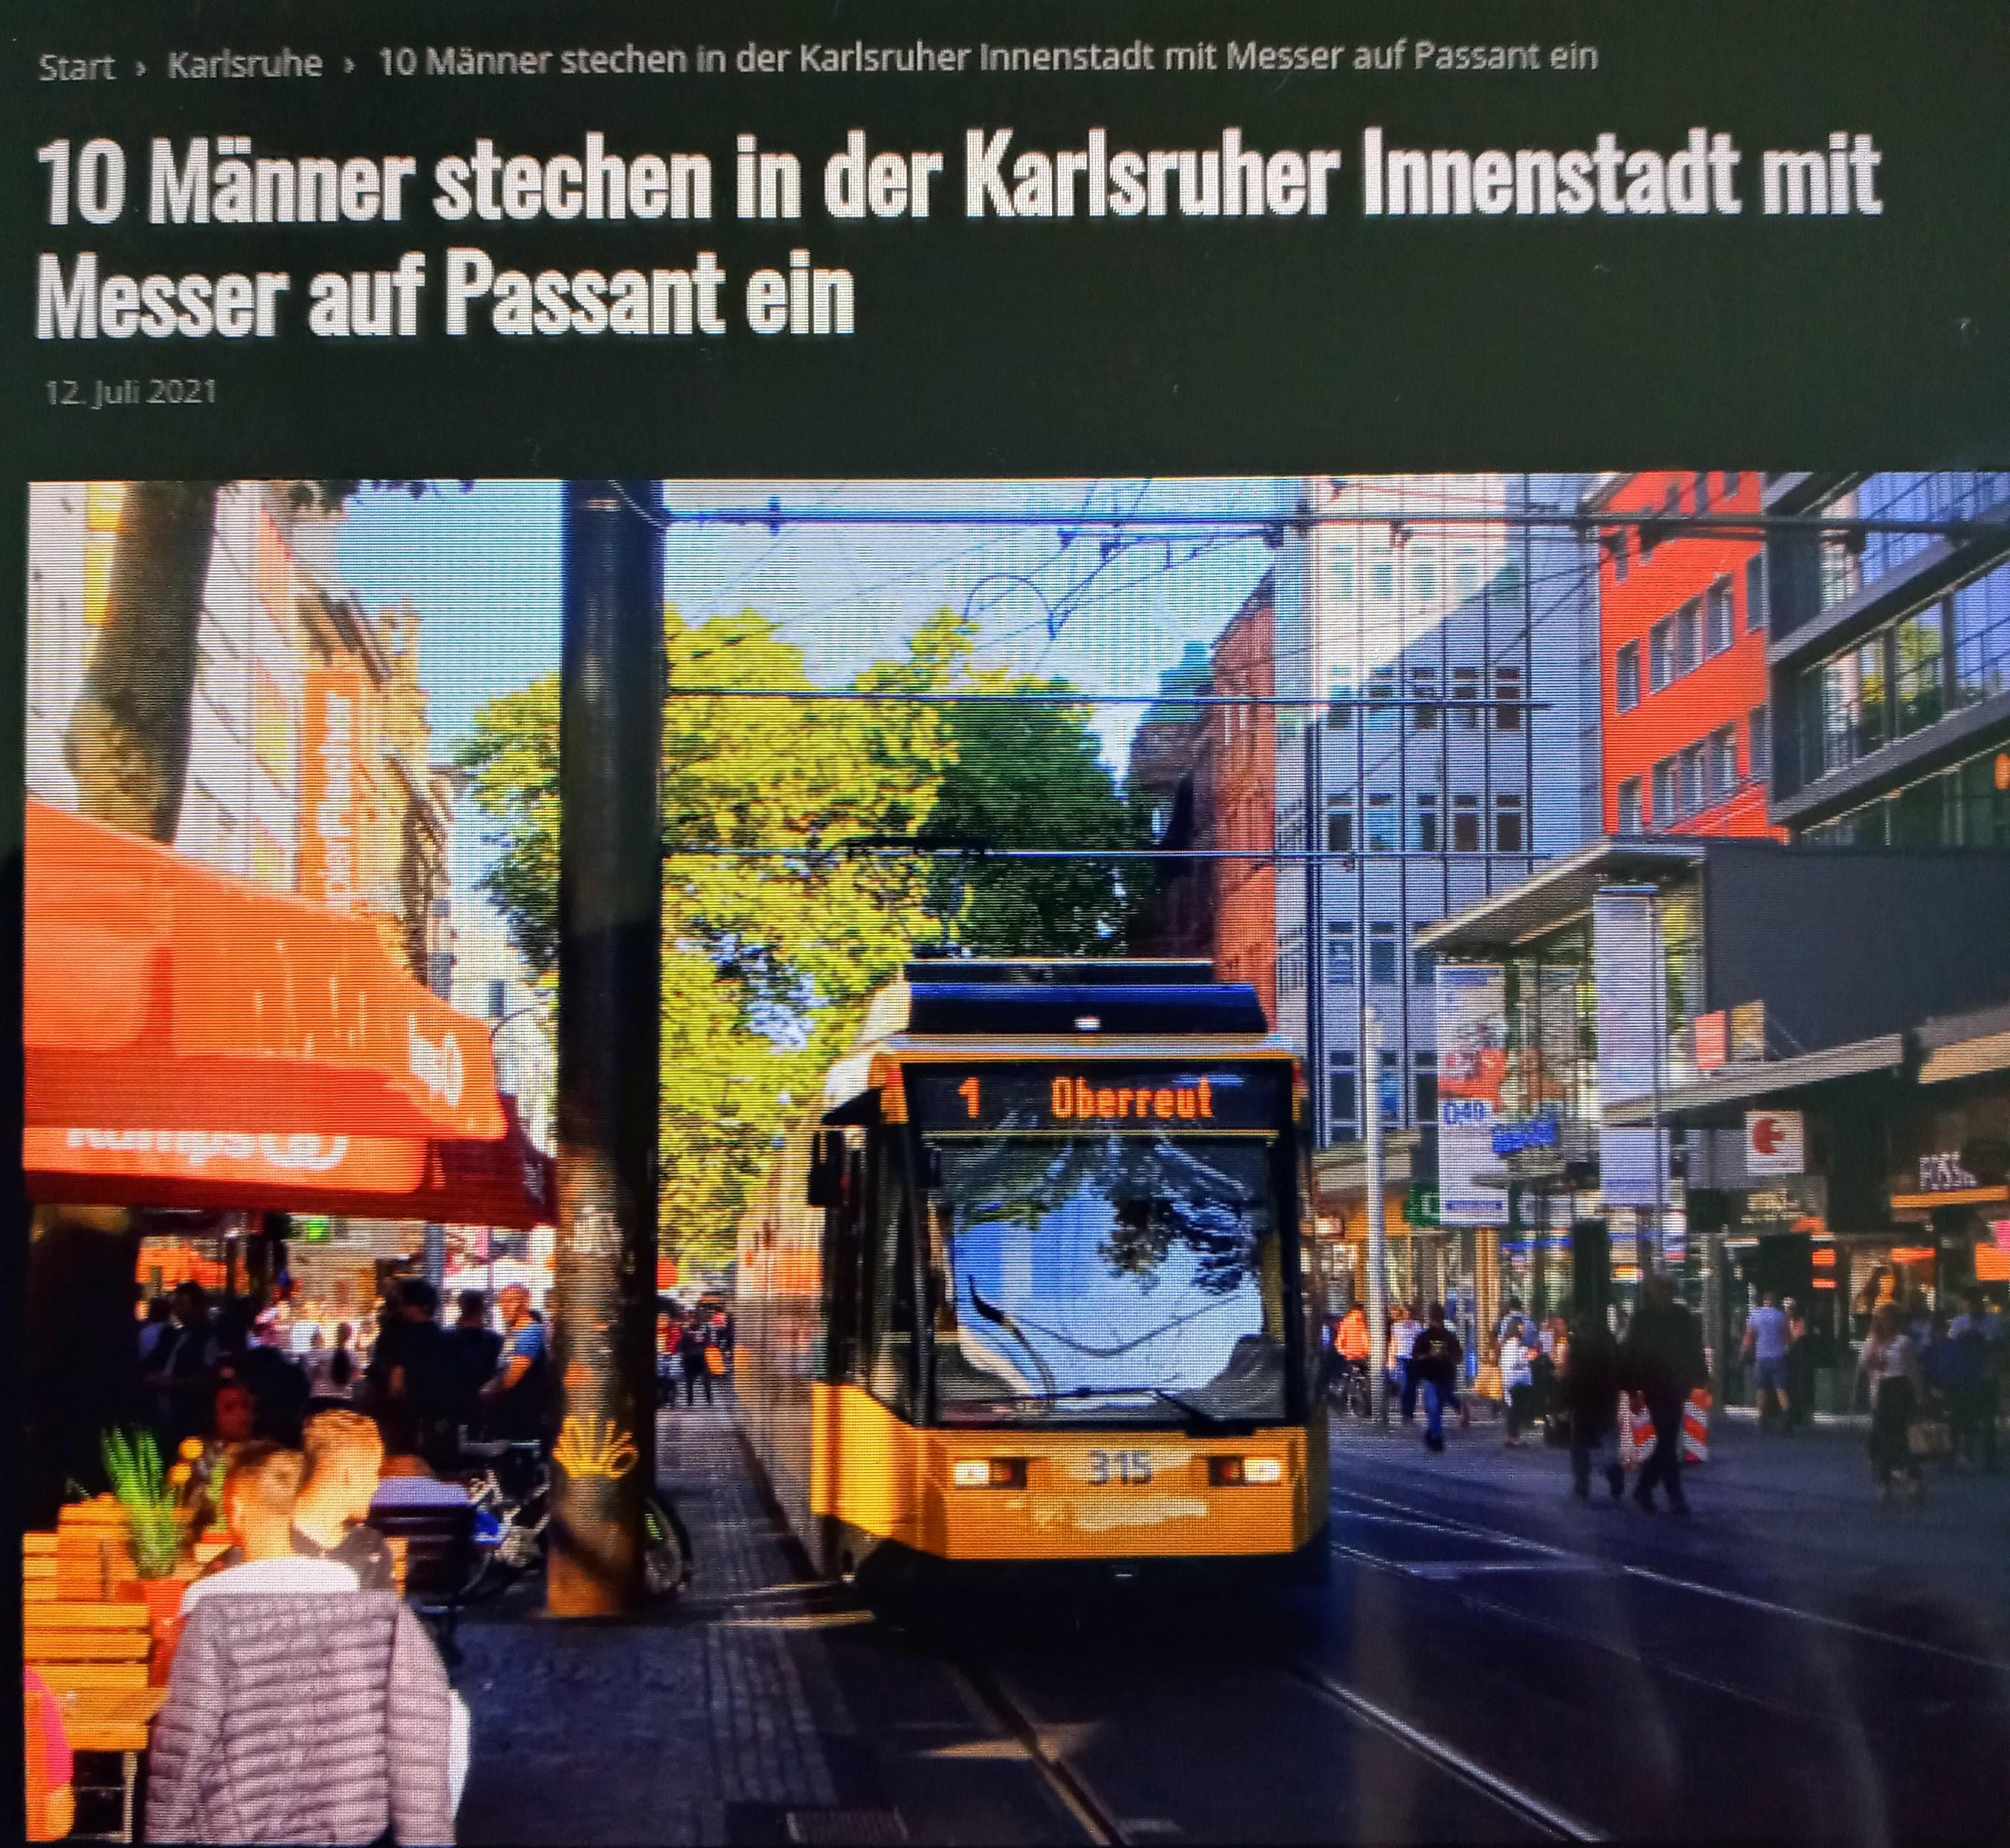 Hat MEHRKILL ihren eingeflogenen Söldnern den Startschuss zur Reduzierung der biodeutschen Bevölkerung gegeben…die Hinweise häufen sich langsam ?!!